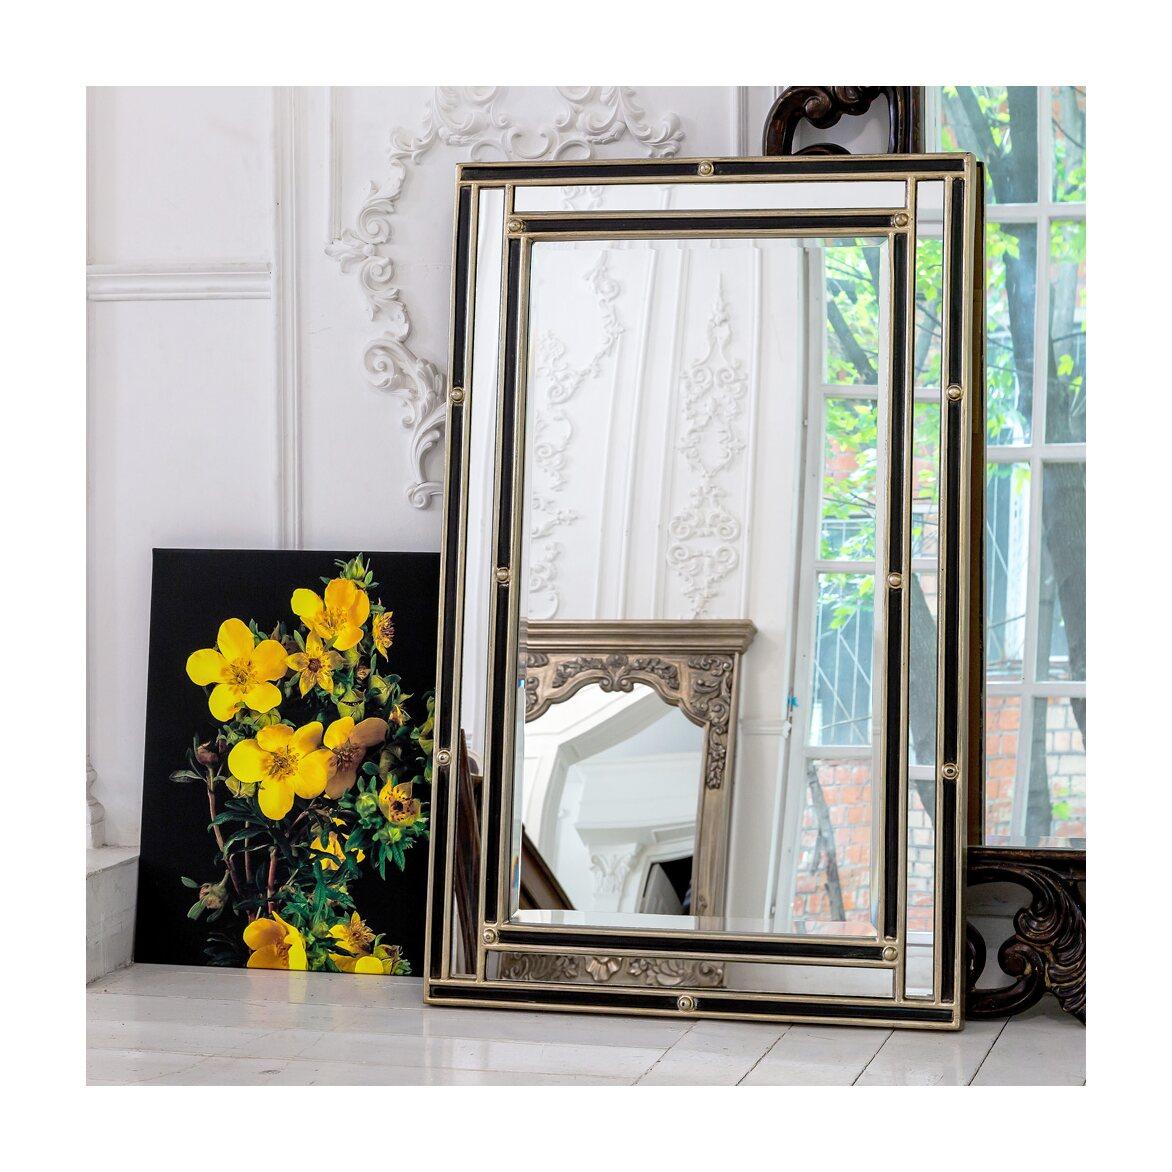 Настенное зеркало «Эхнатон» 2 | Настенные зеркала Kingsby